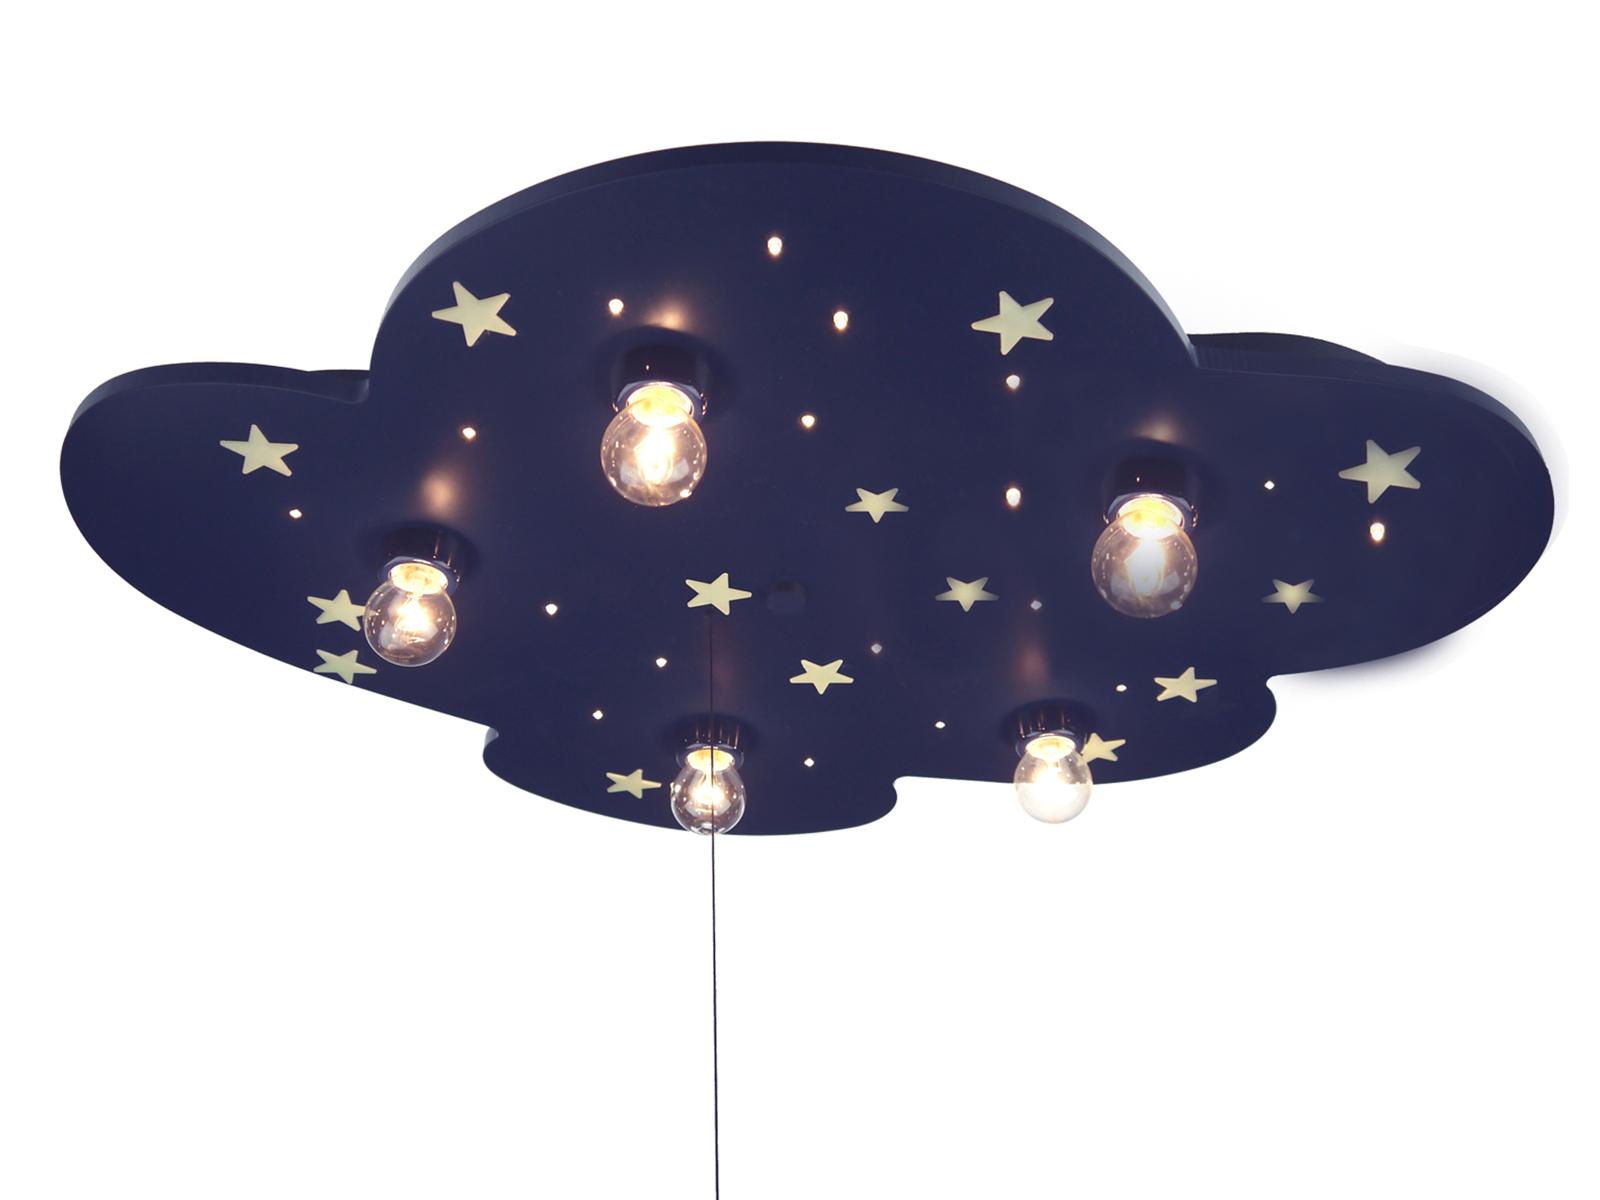 Kinderzimmerlampe Decke LED Schlummerlicht Sternenhimmel ...